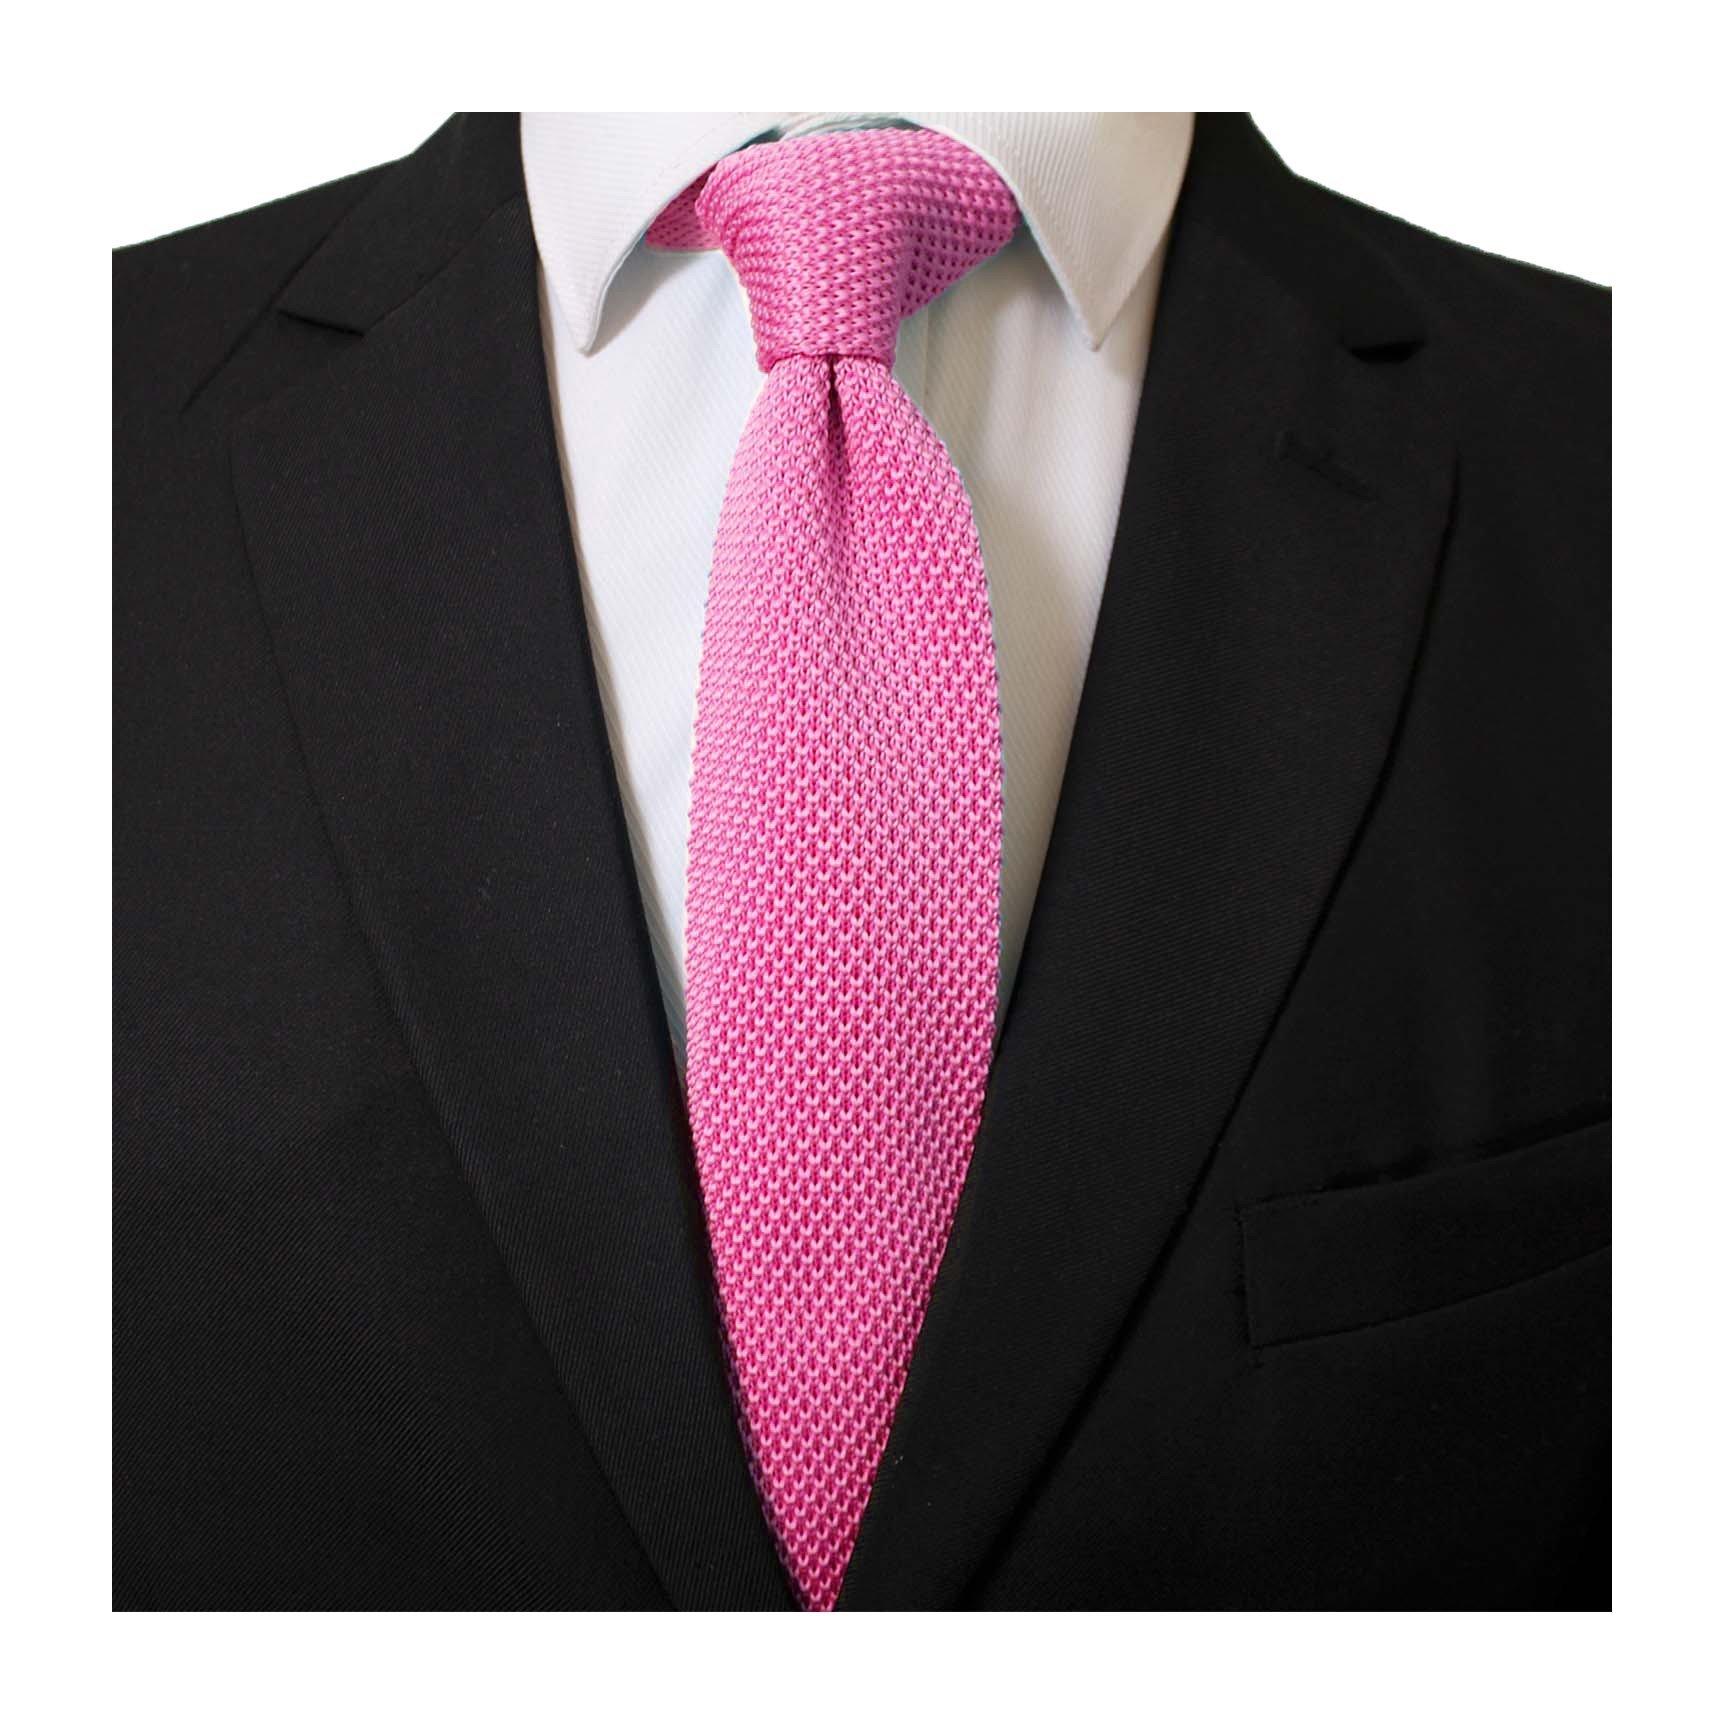 Mens Knit Coral Pink Ties Blush Modern Basic Designed Groomsmen Wedding Neckties